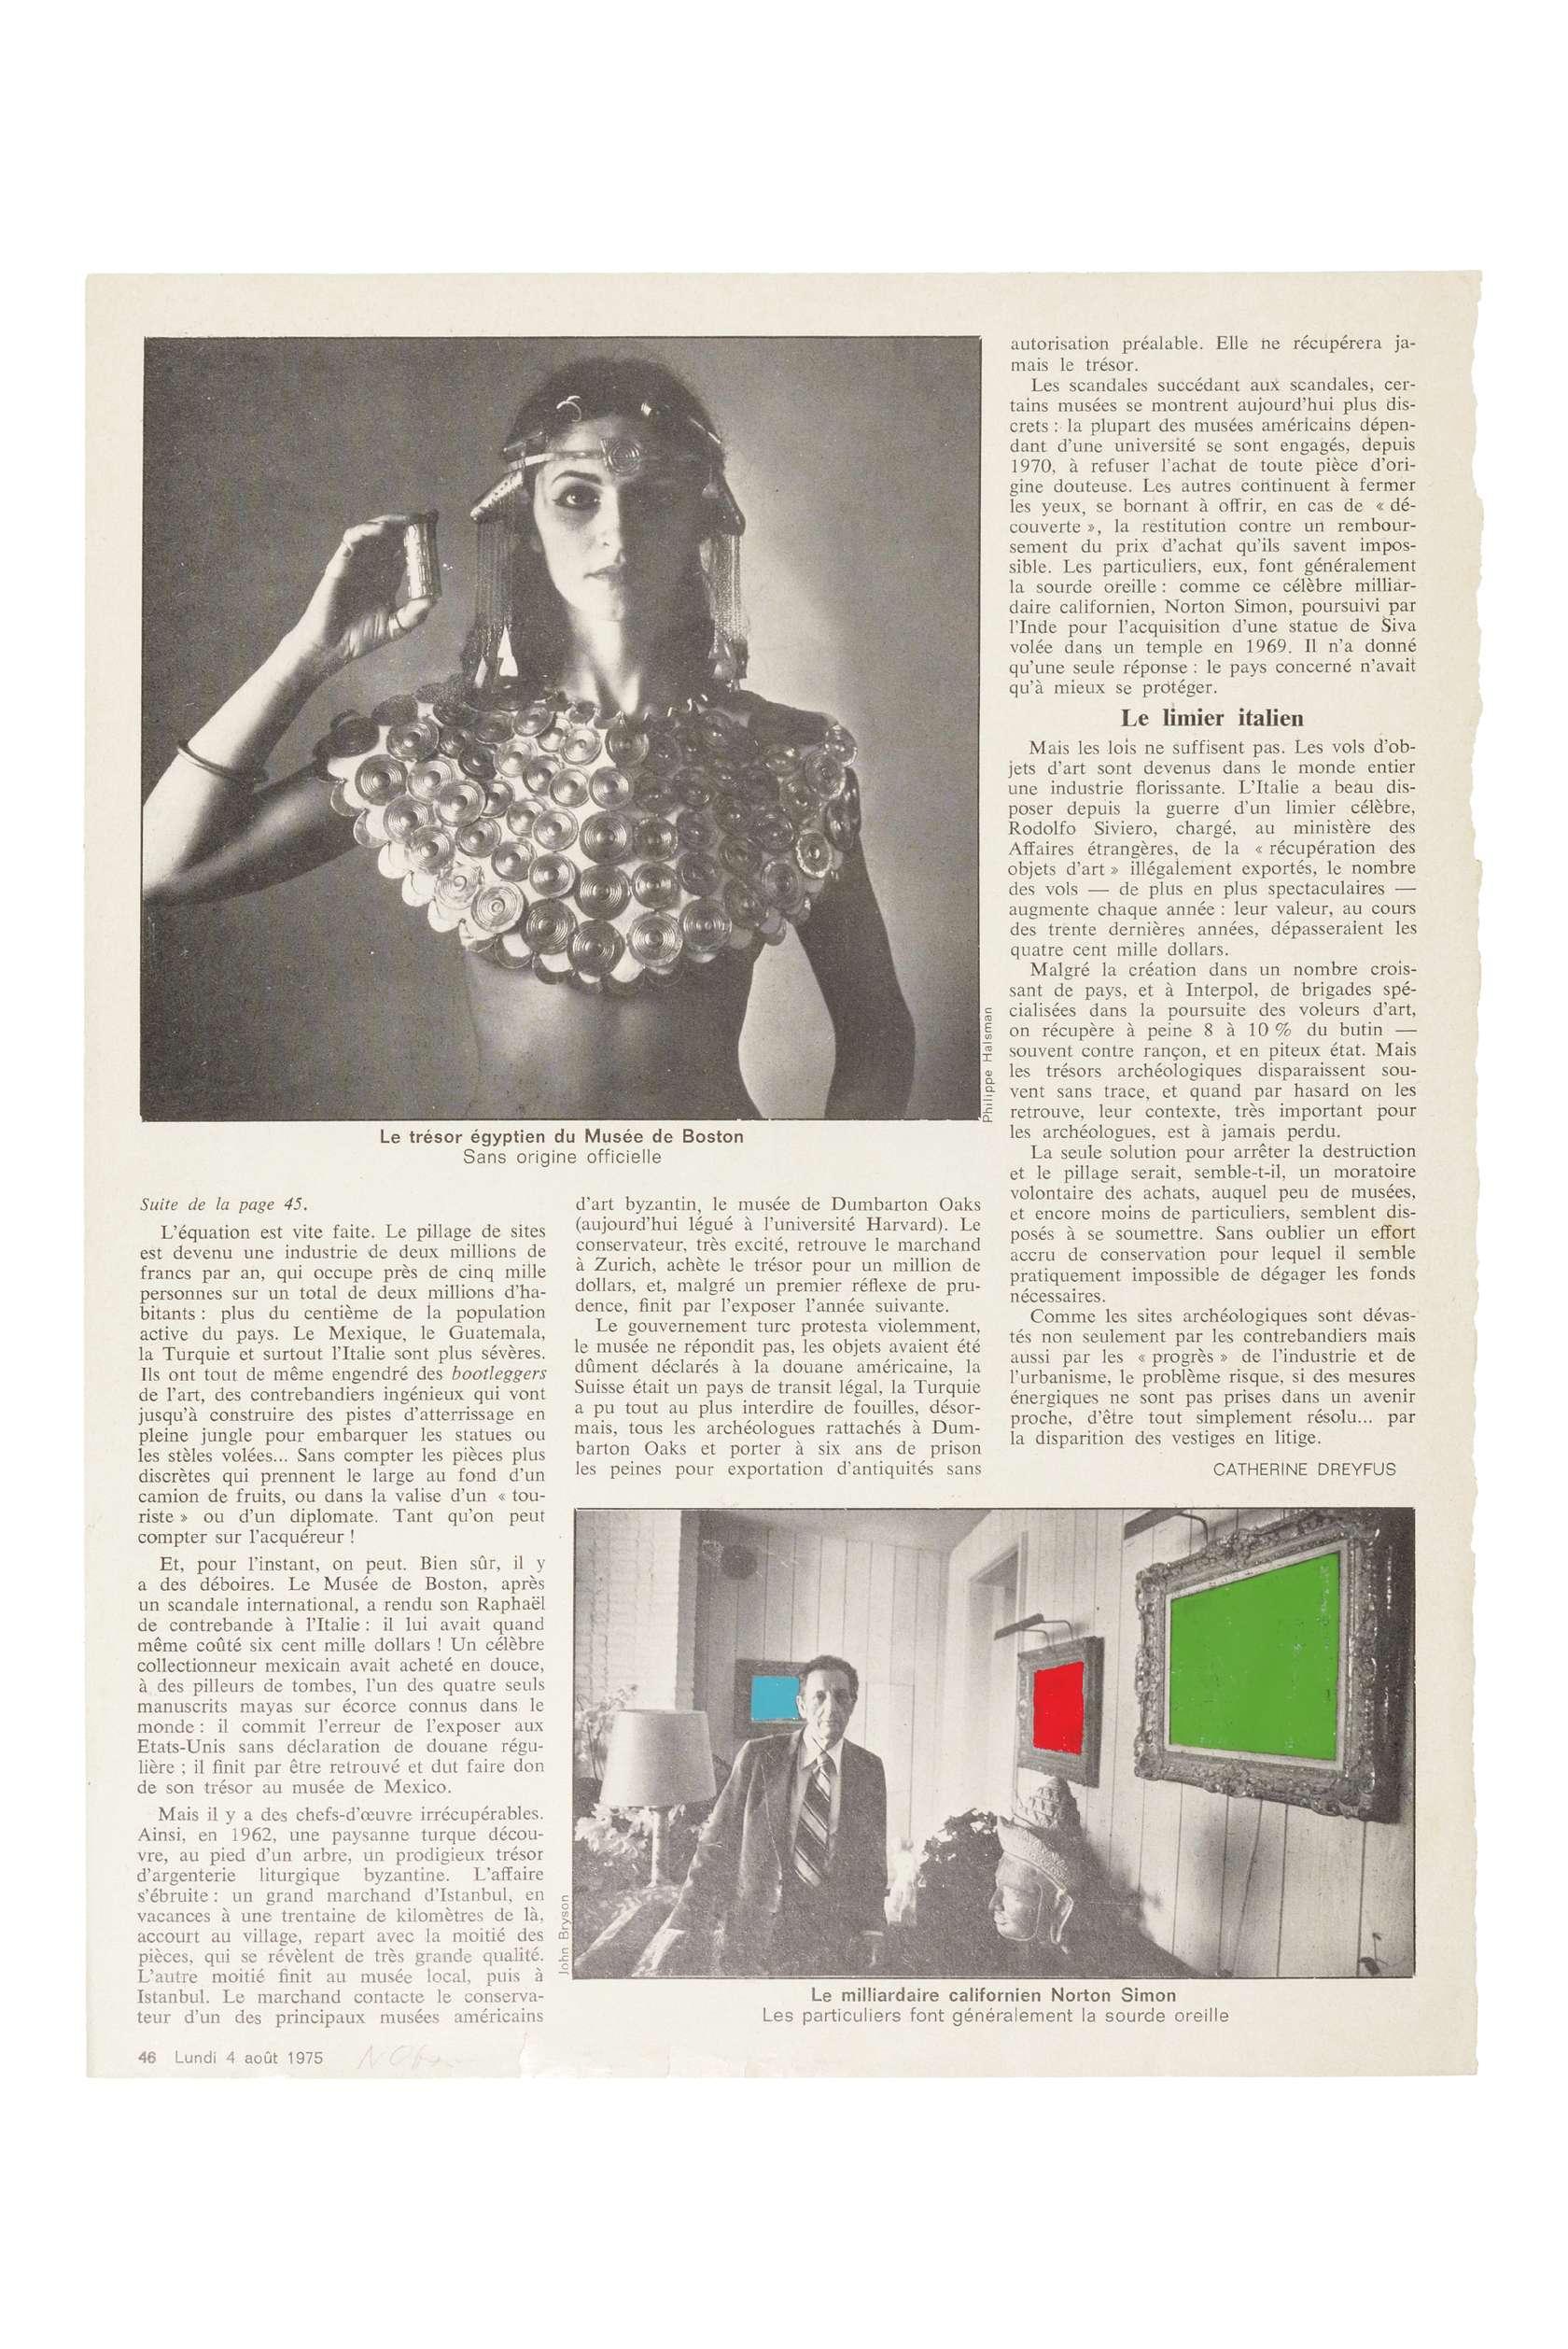 Ernest T., Le Nouvel Observateur Lundi 4 Août 1975, 1975 Peinture laquée sur page de journal 29.7 x 22.2 cm / 11 6/8 x 8 6/8 inches